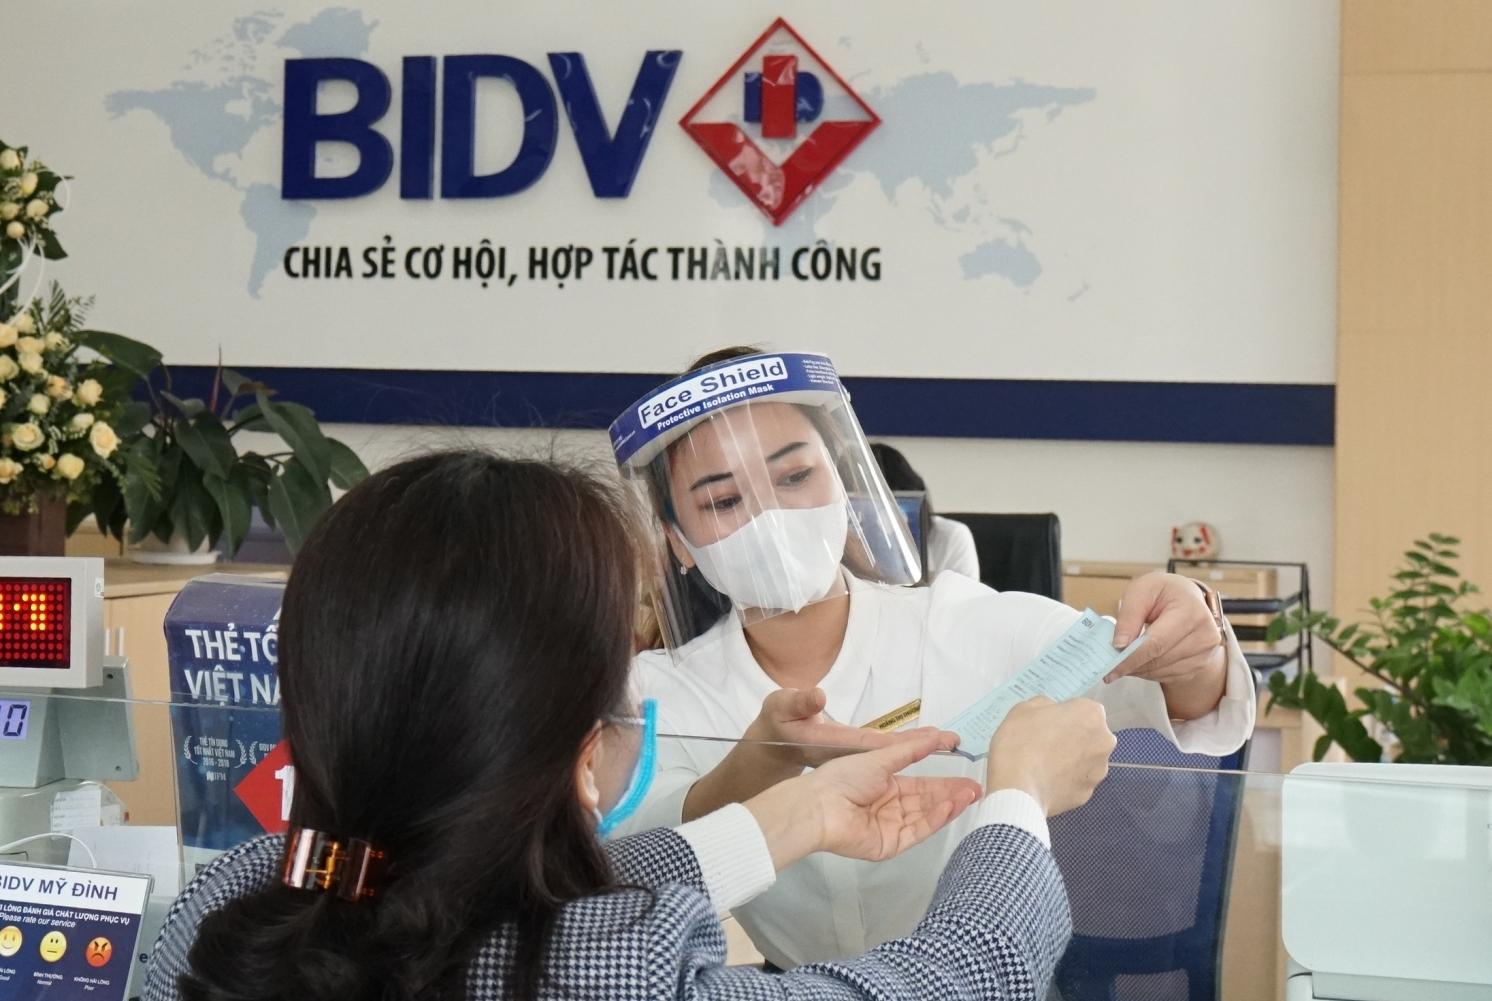 BIDV tiếp tục giảm lãi suất cho vay hỗ trợ khách hàng chịu ảnh hưởng của dịch COVID-19